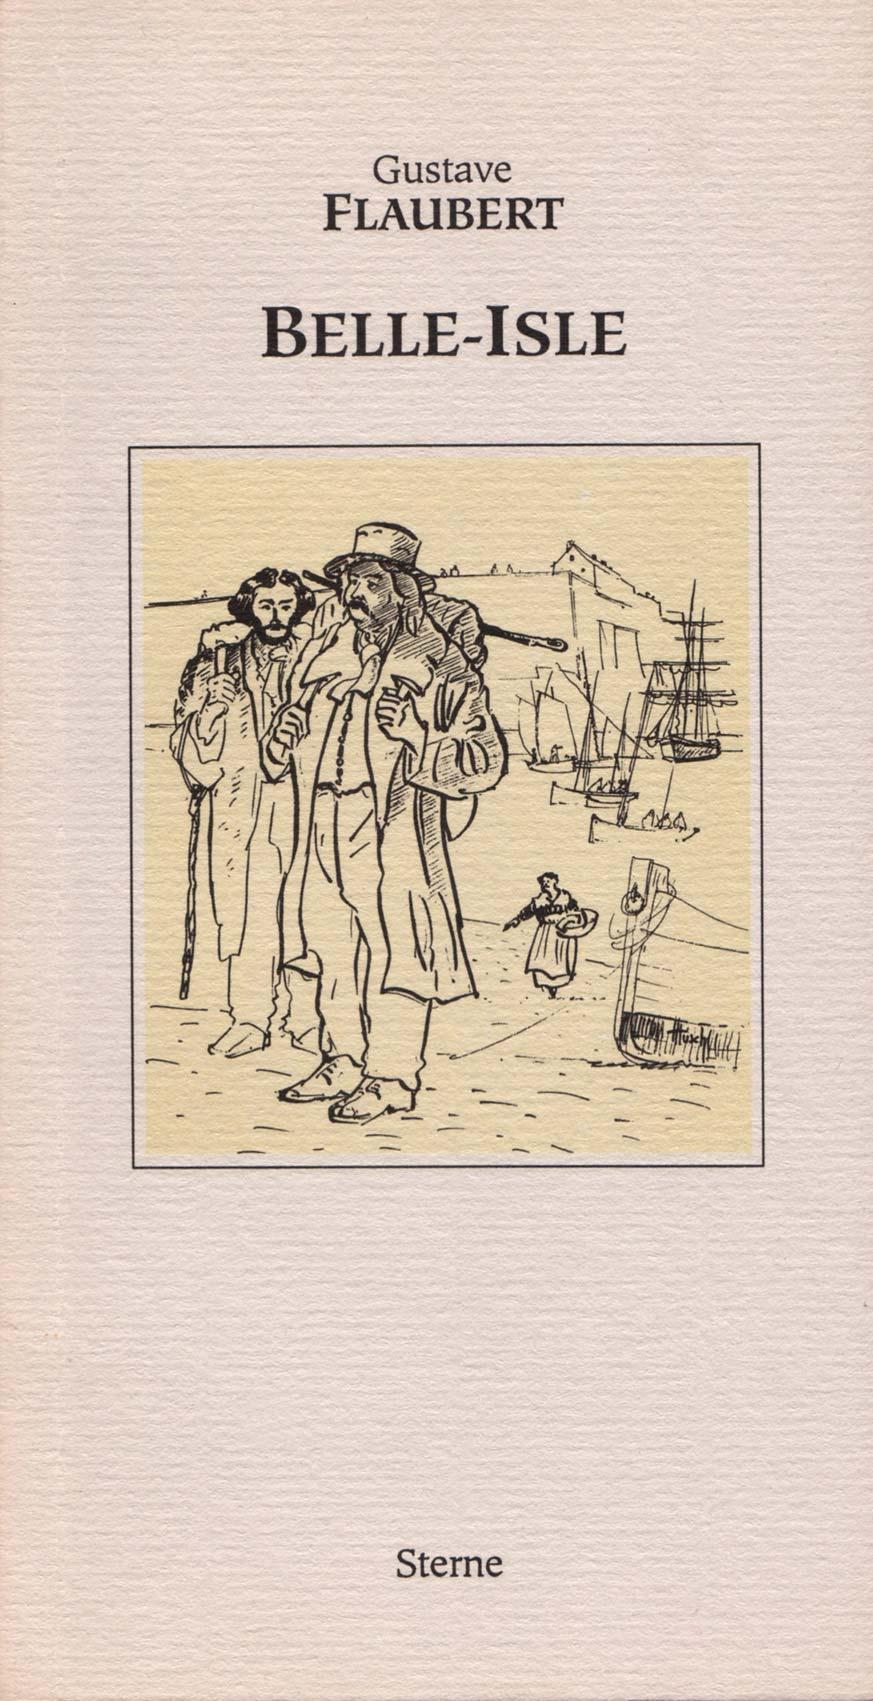 Flaubert, Belle-Isle, STERNE,1997